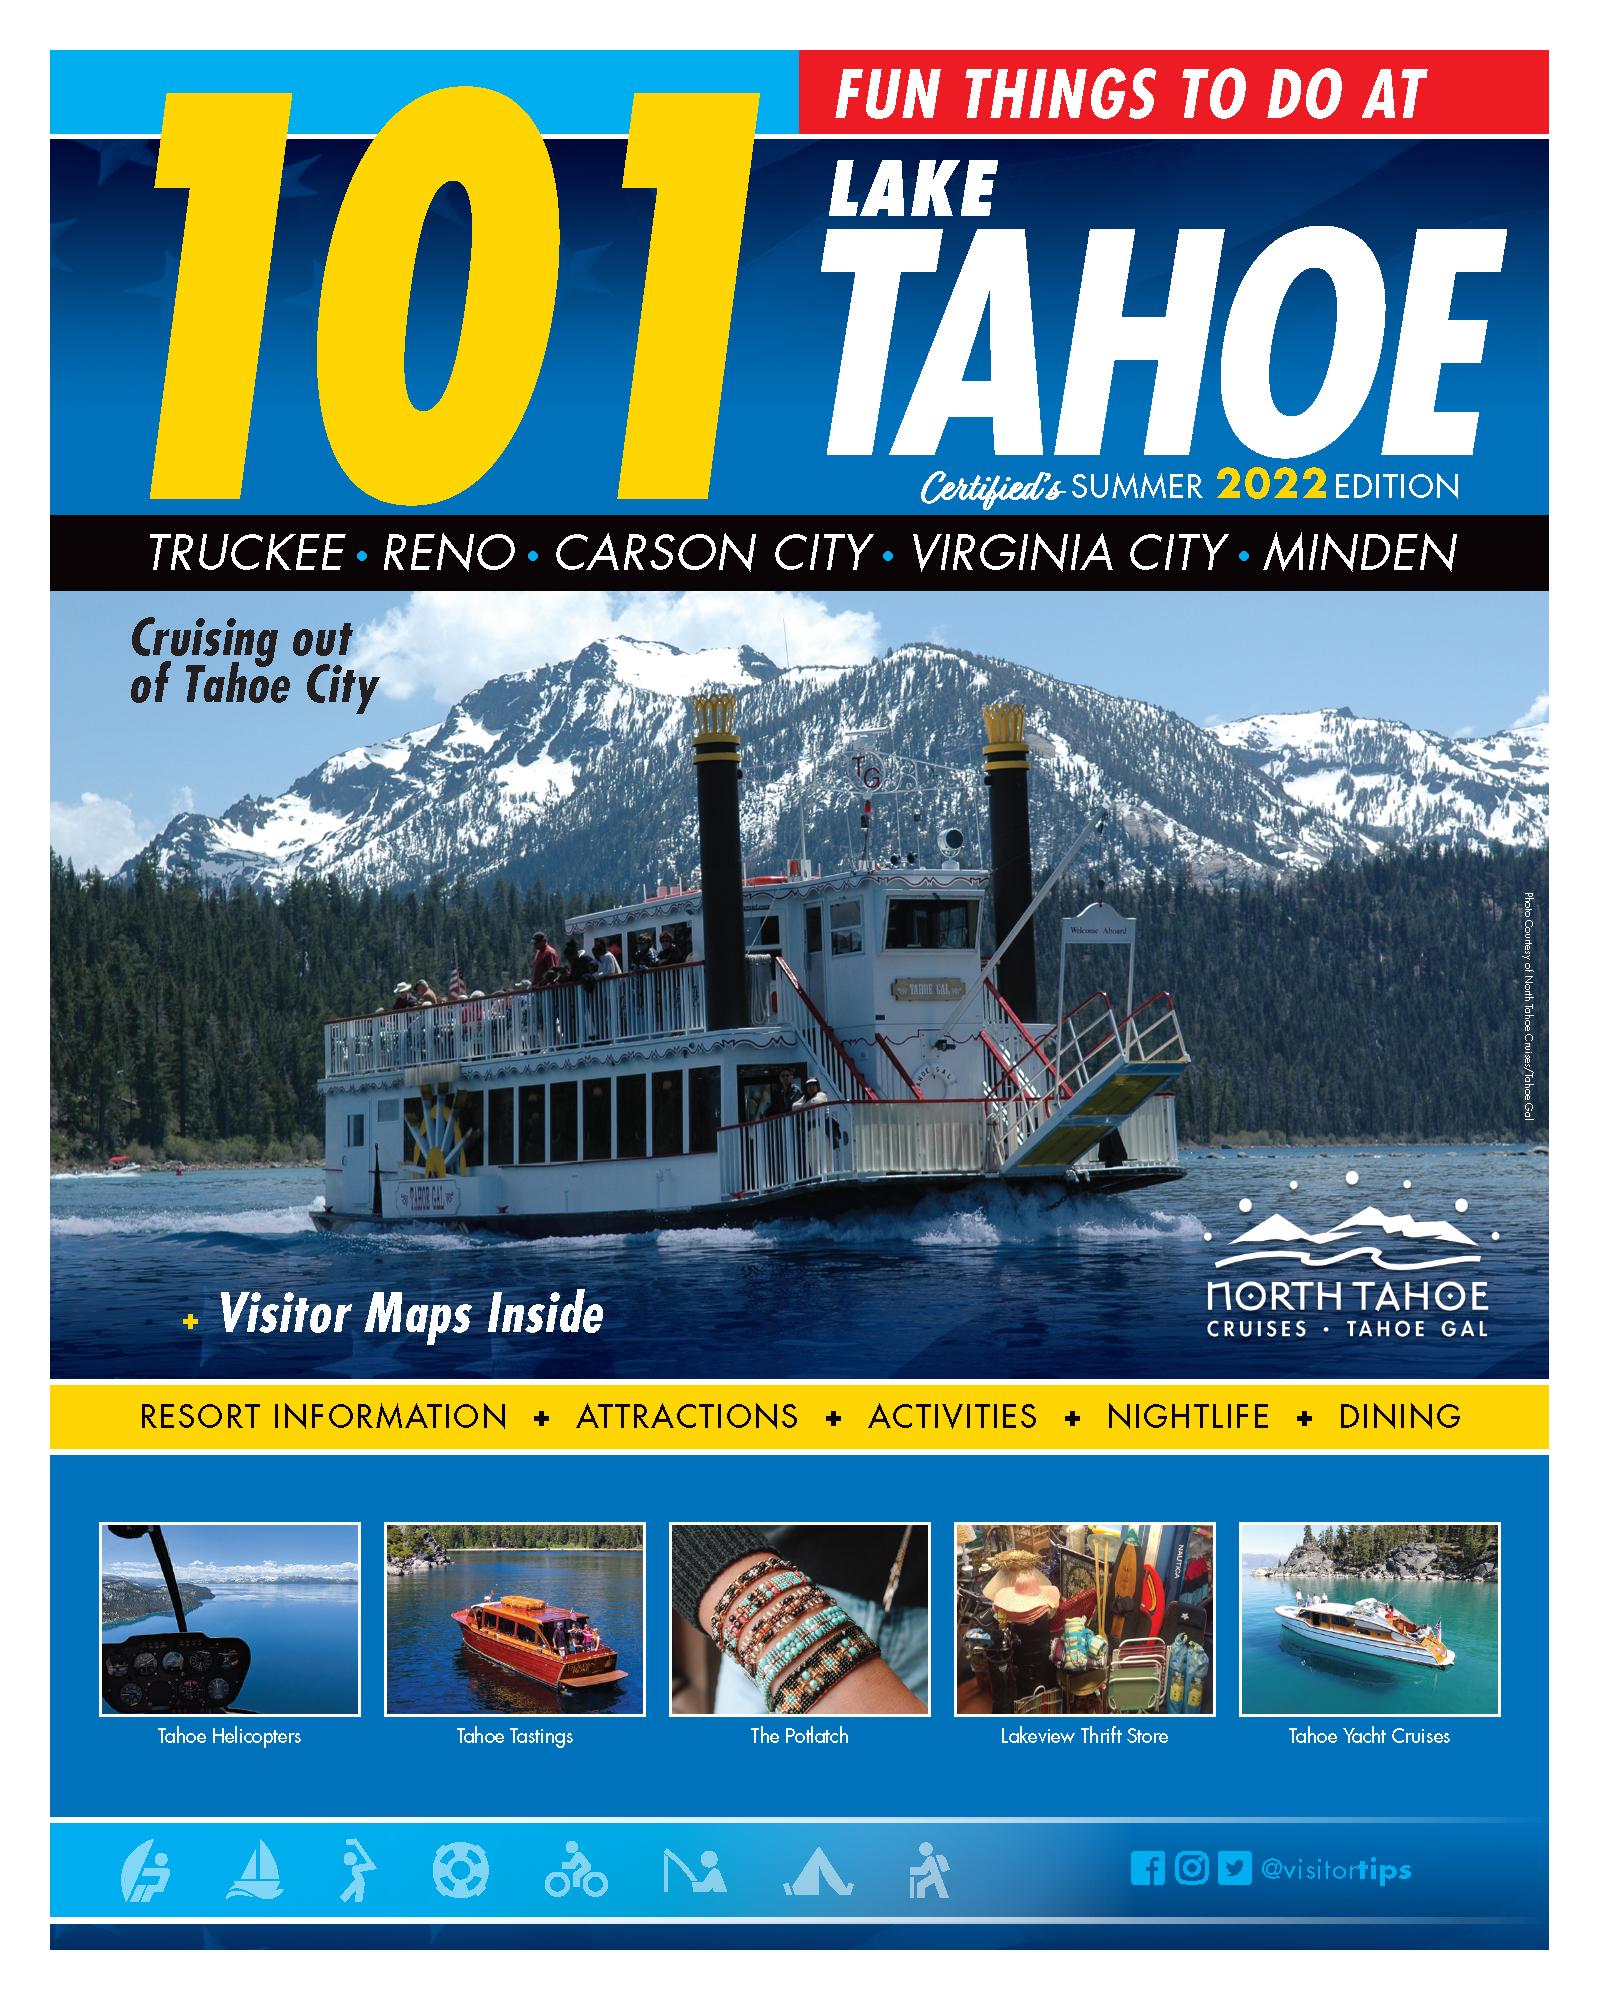 101 Fun Things To Do At Lake Tahoe